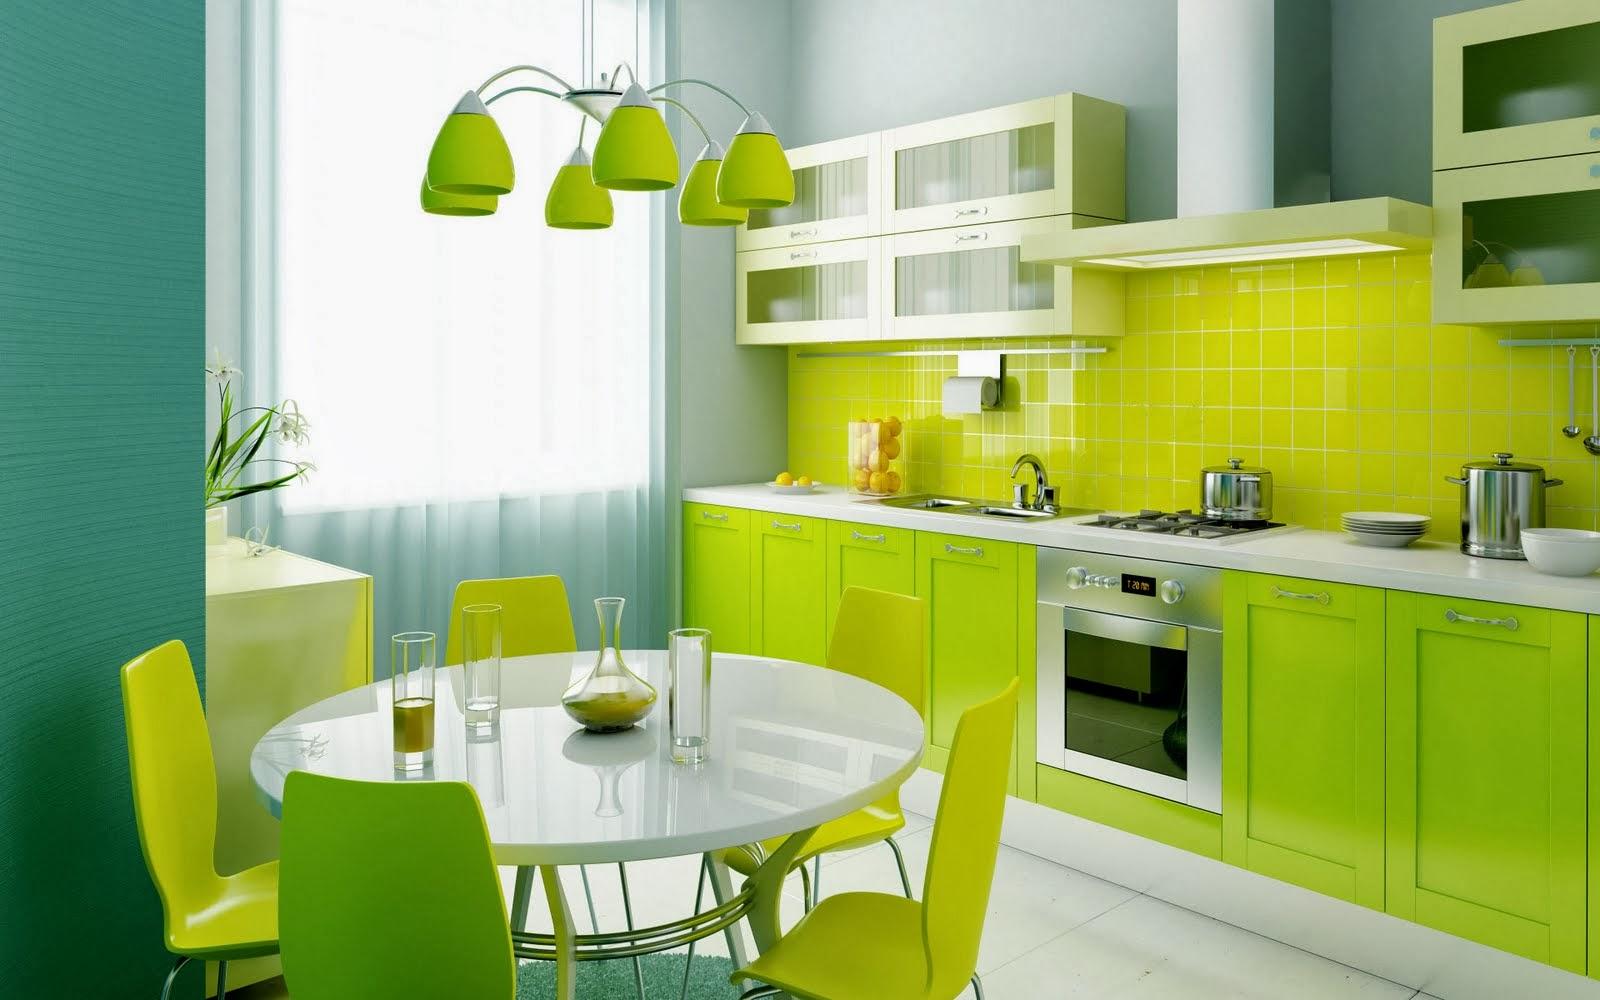 بالصور ديكور المطبخ , افكار مطرقعة لديكور المطبخ 3560 9